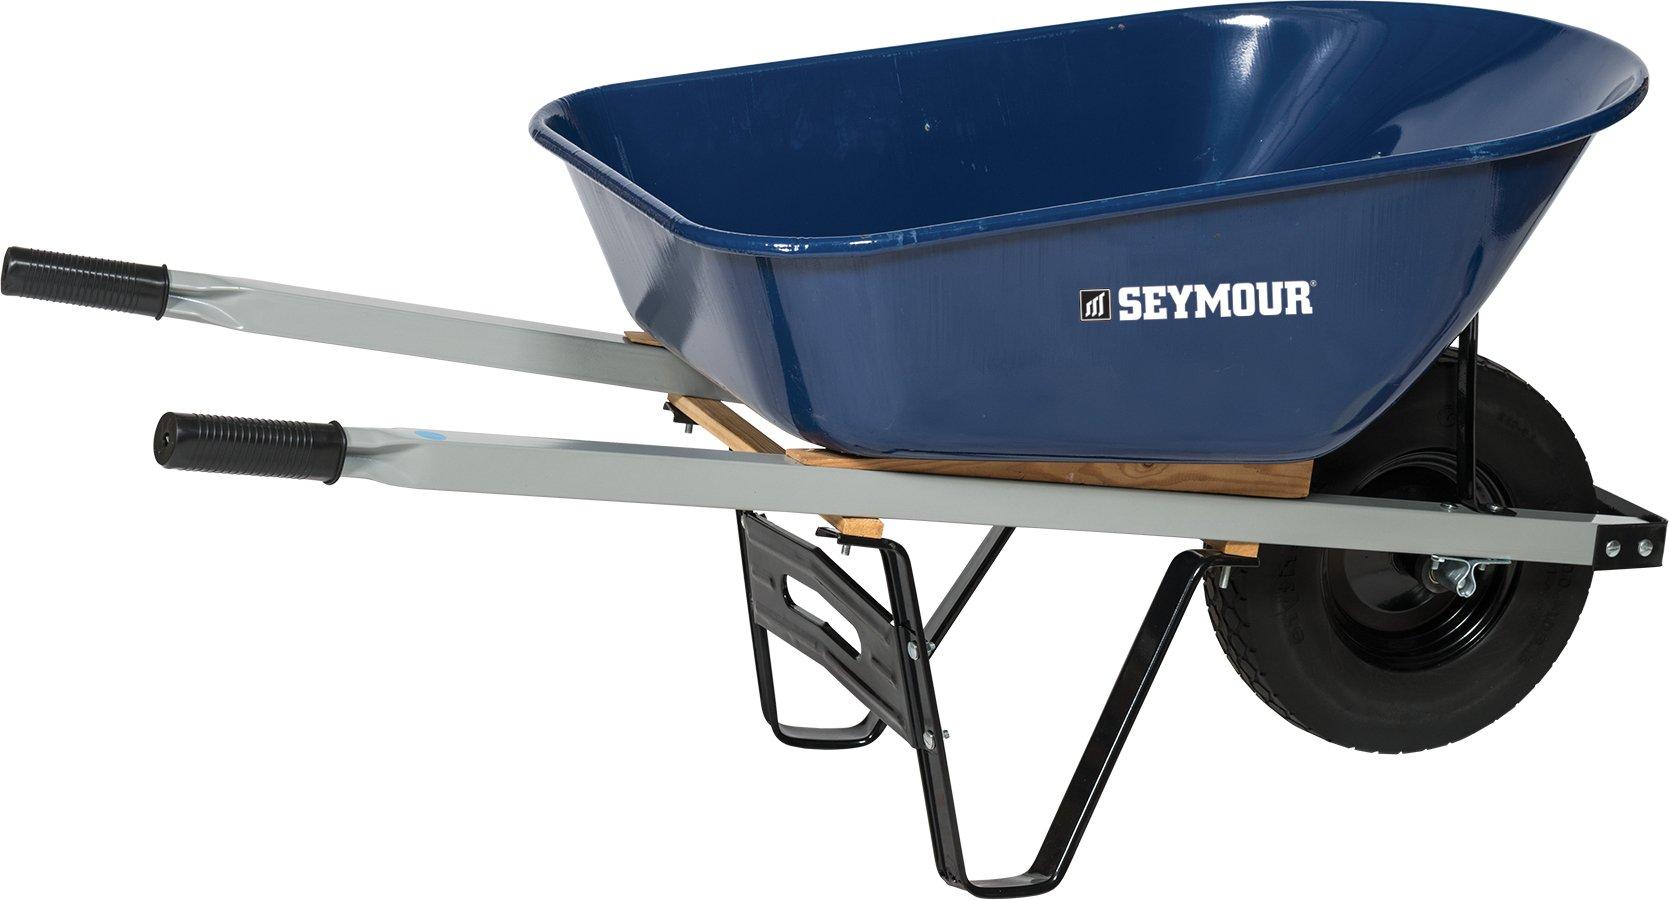 Seymour 85724 Wheelbarrow, 60 x 26.5 x 10.75''